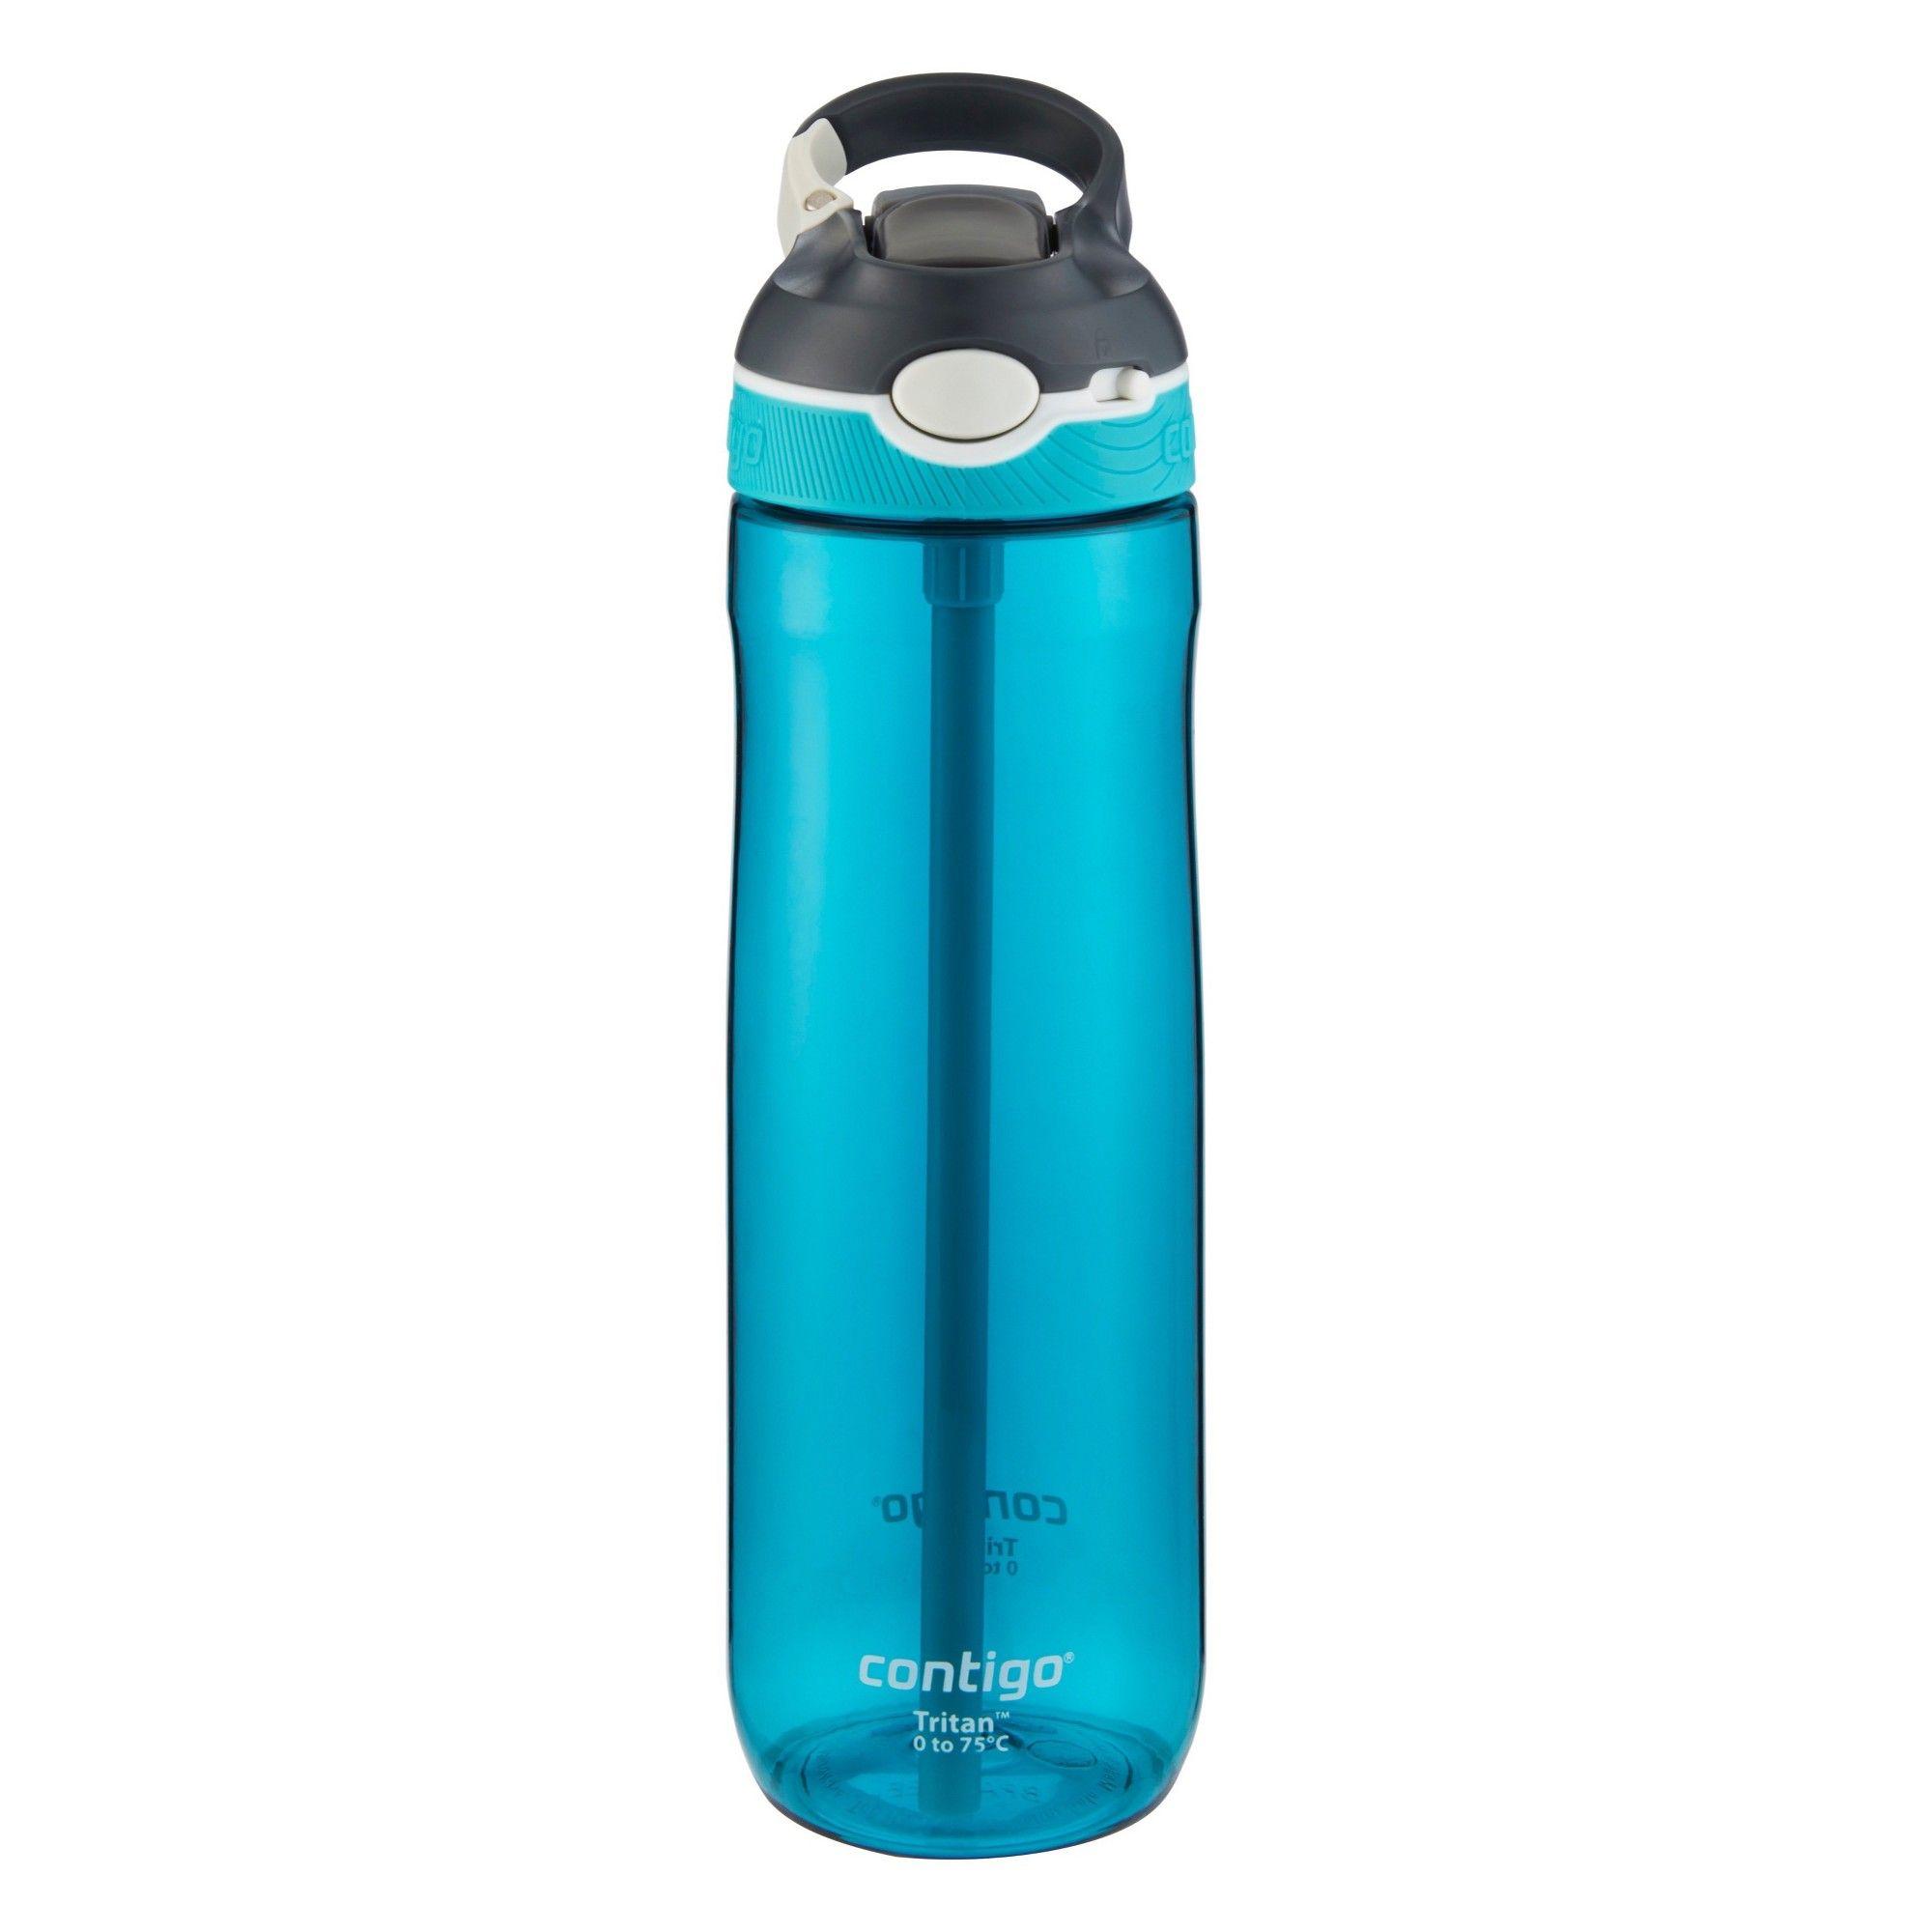 Contigo 24oz Autospout Straw Ashland Water Bottle Scuba